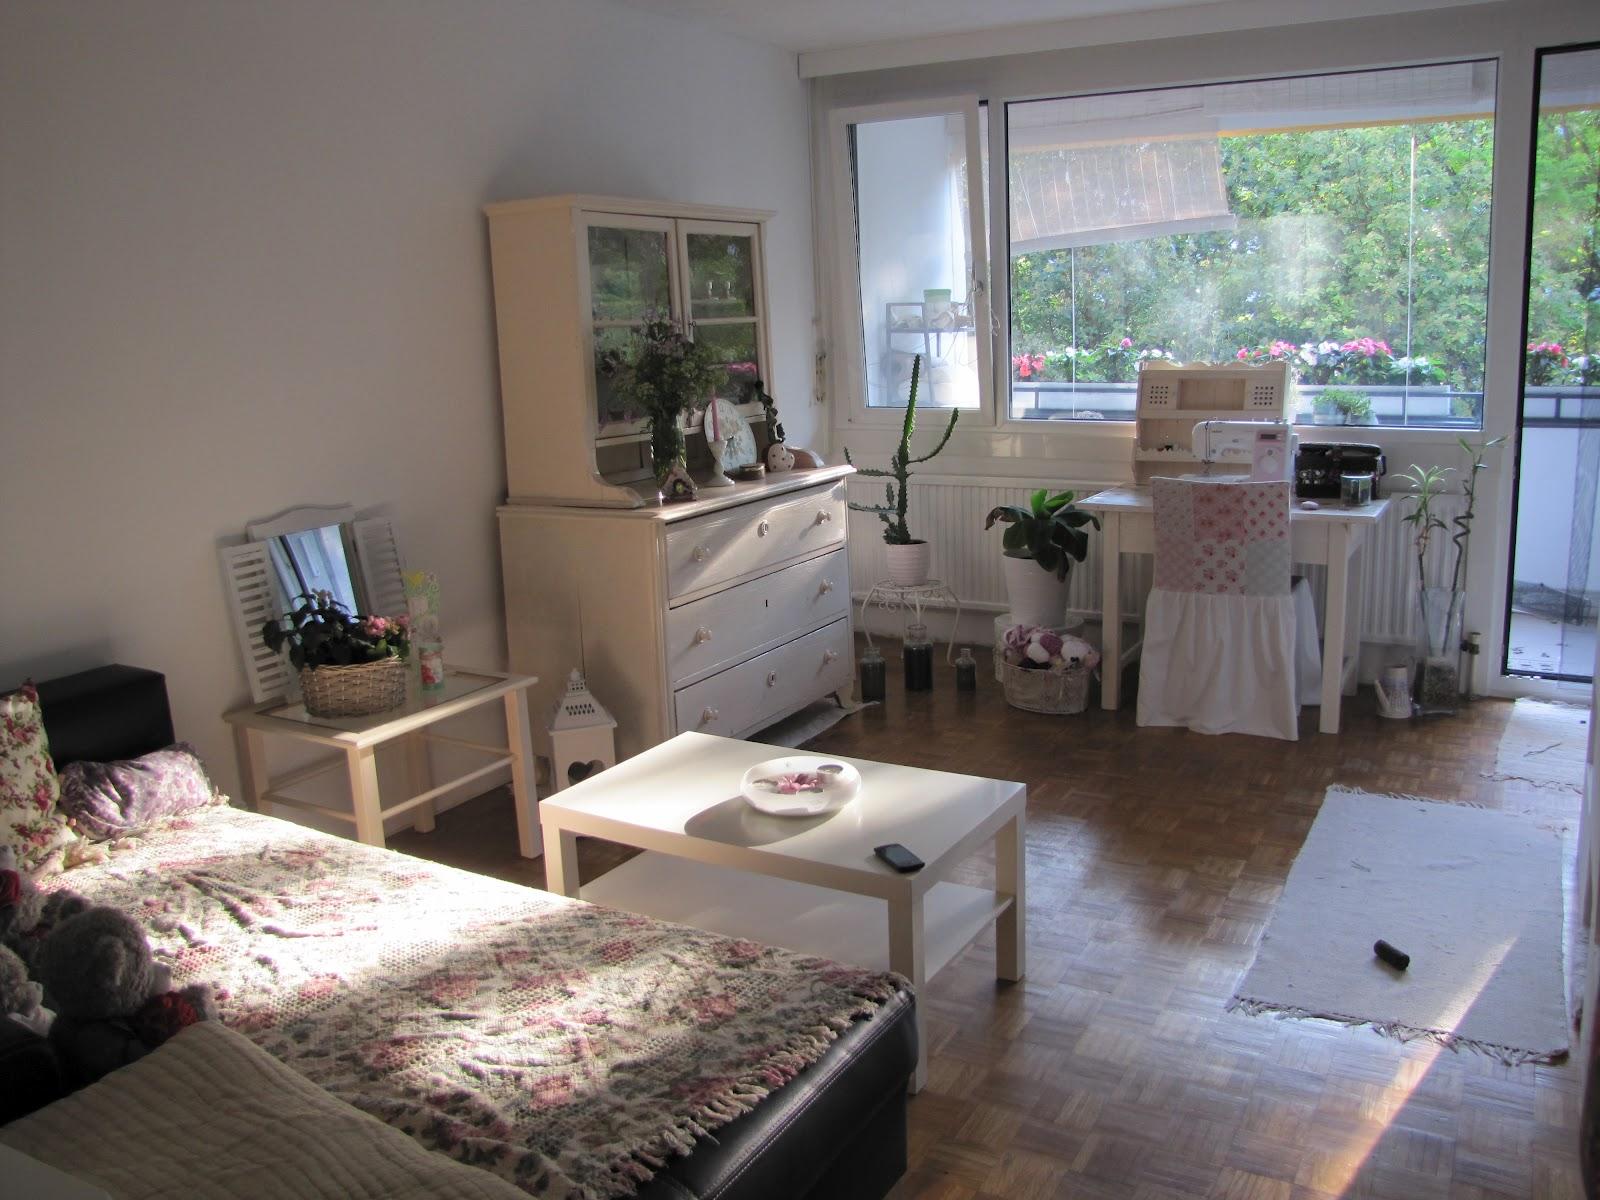 solange ich n he heute zeige ich euch mein neues wohnzimmer. Black Bedroom Furniture Sets. Home Design Ideas